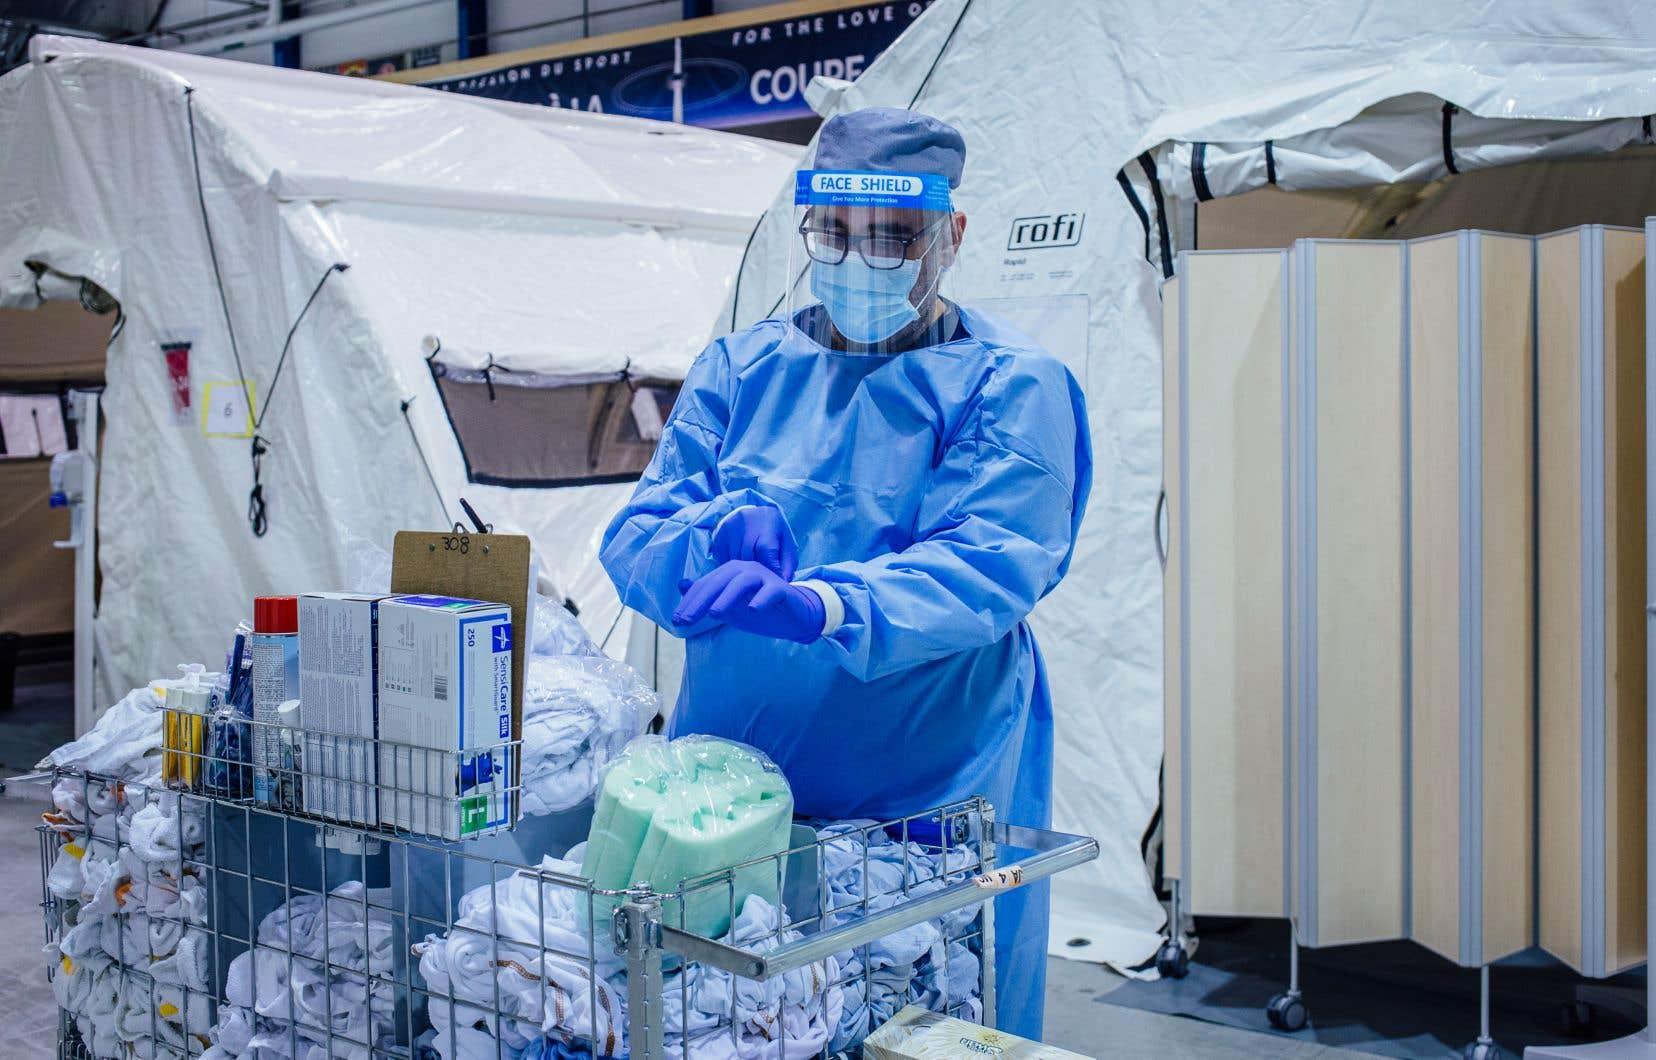 Dans son appel d'offres d'octobre, l'Agence de la santé publique du Canada a surestimé son besoin de blouses médicales, utilisées pour protéger le personnel médical et les visiteurs d'un patient placé en isolement, à 50millions d'unités. Trois mois plus tard, sa demande avait fondu de 60%.